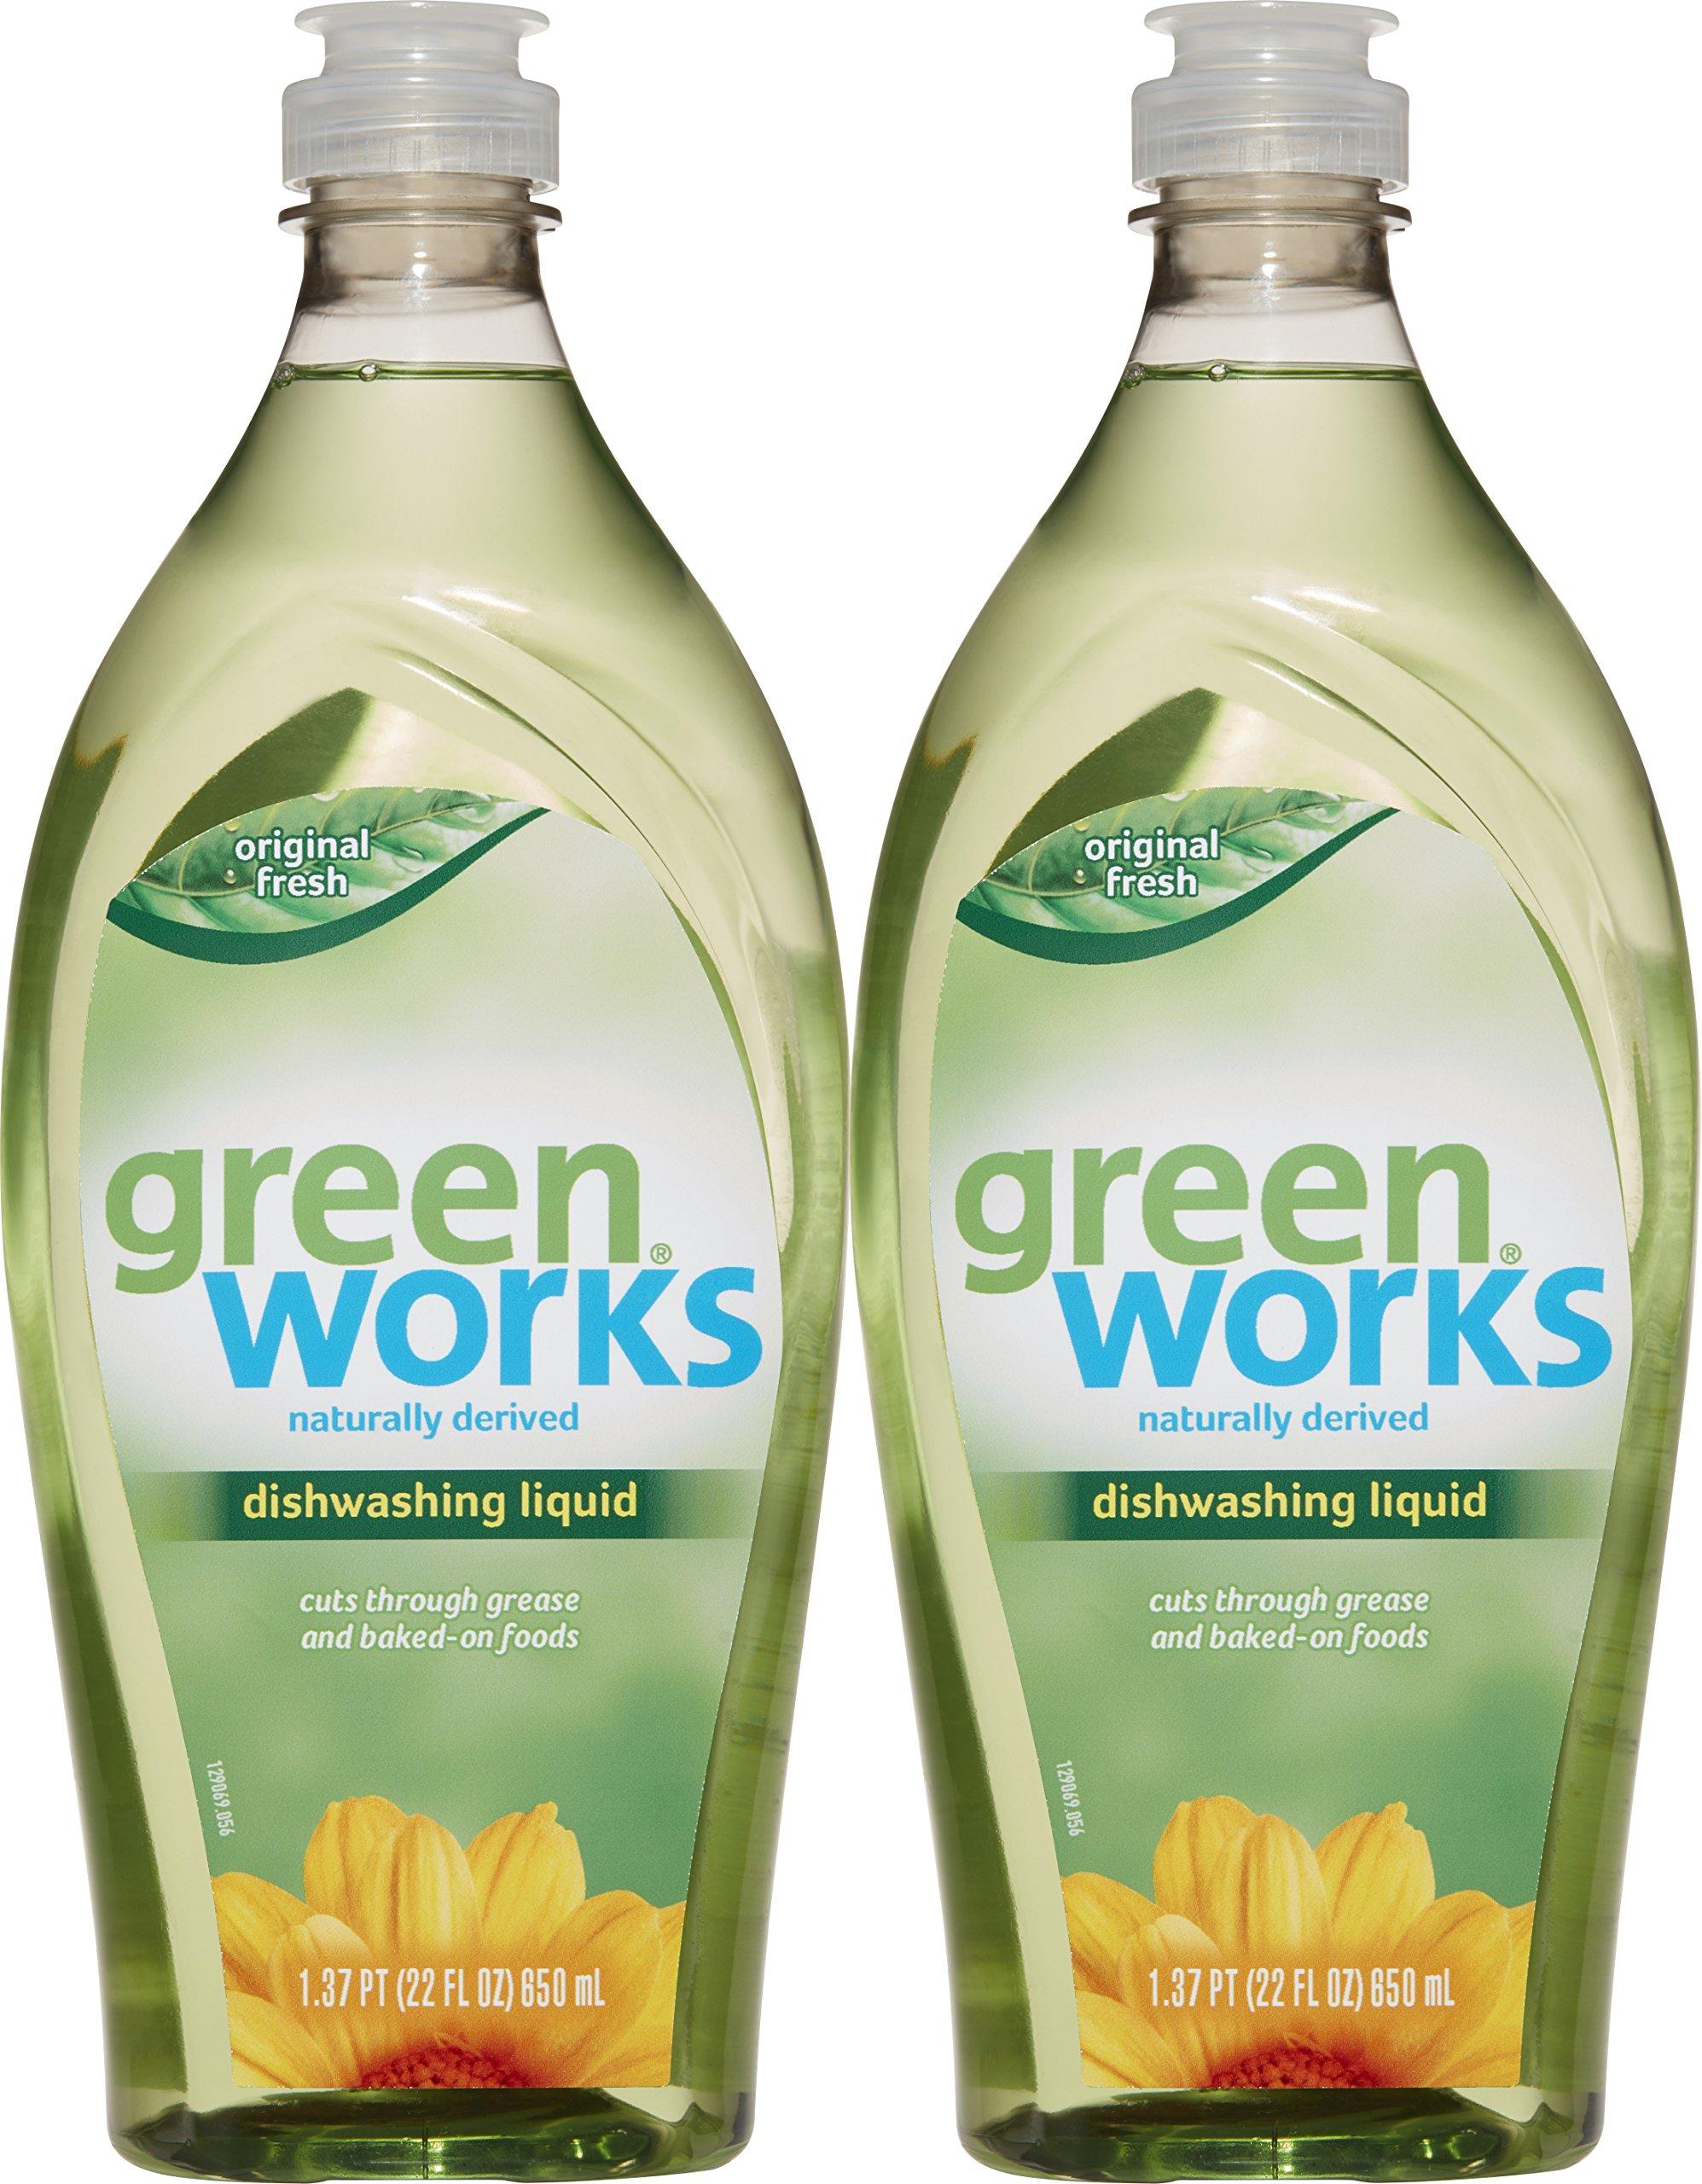 Green Works Natural Dishwashing Liquid Original Scent Value Pack, Pack of Two, 22 Fl Oz Bottles (44 Fl Oz Total)